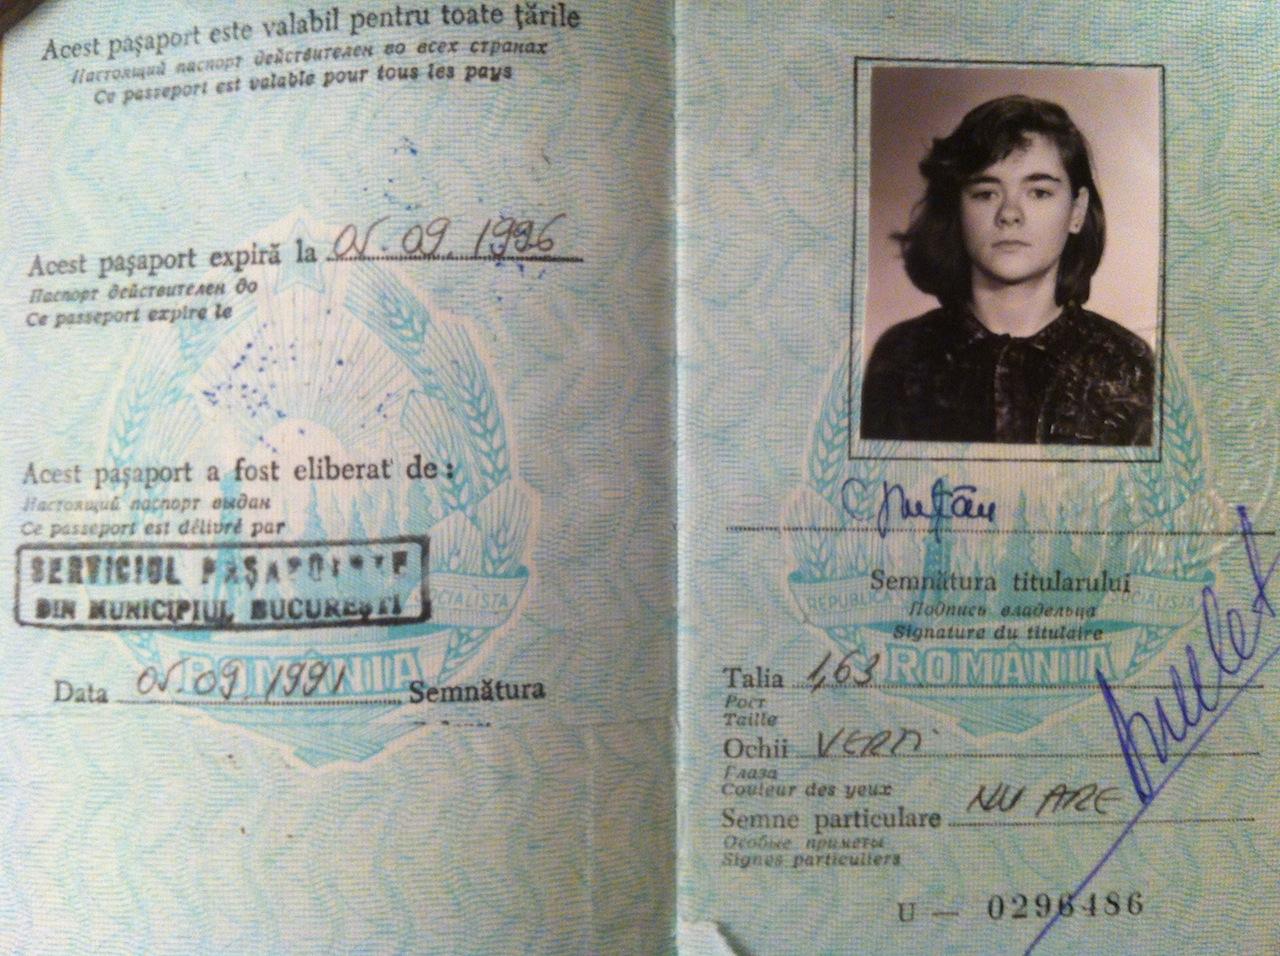 pasaport 5